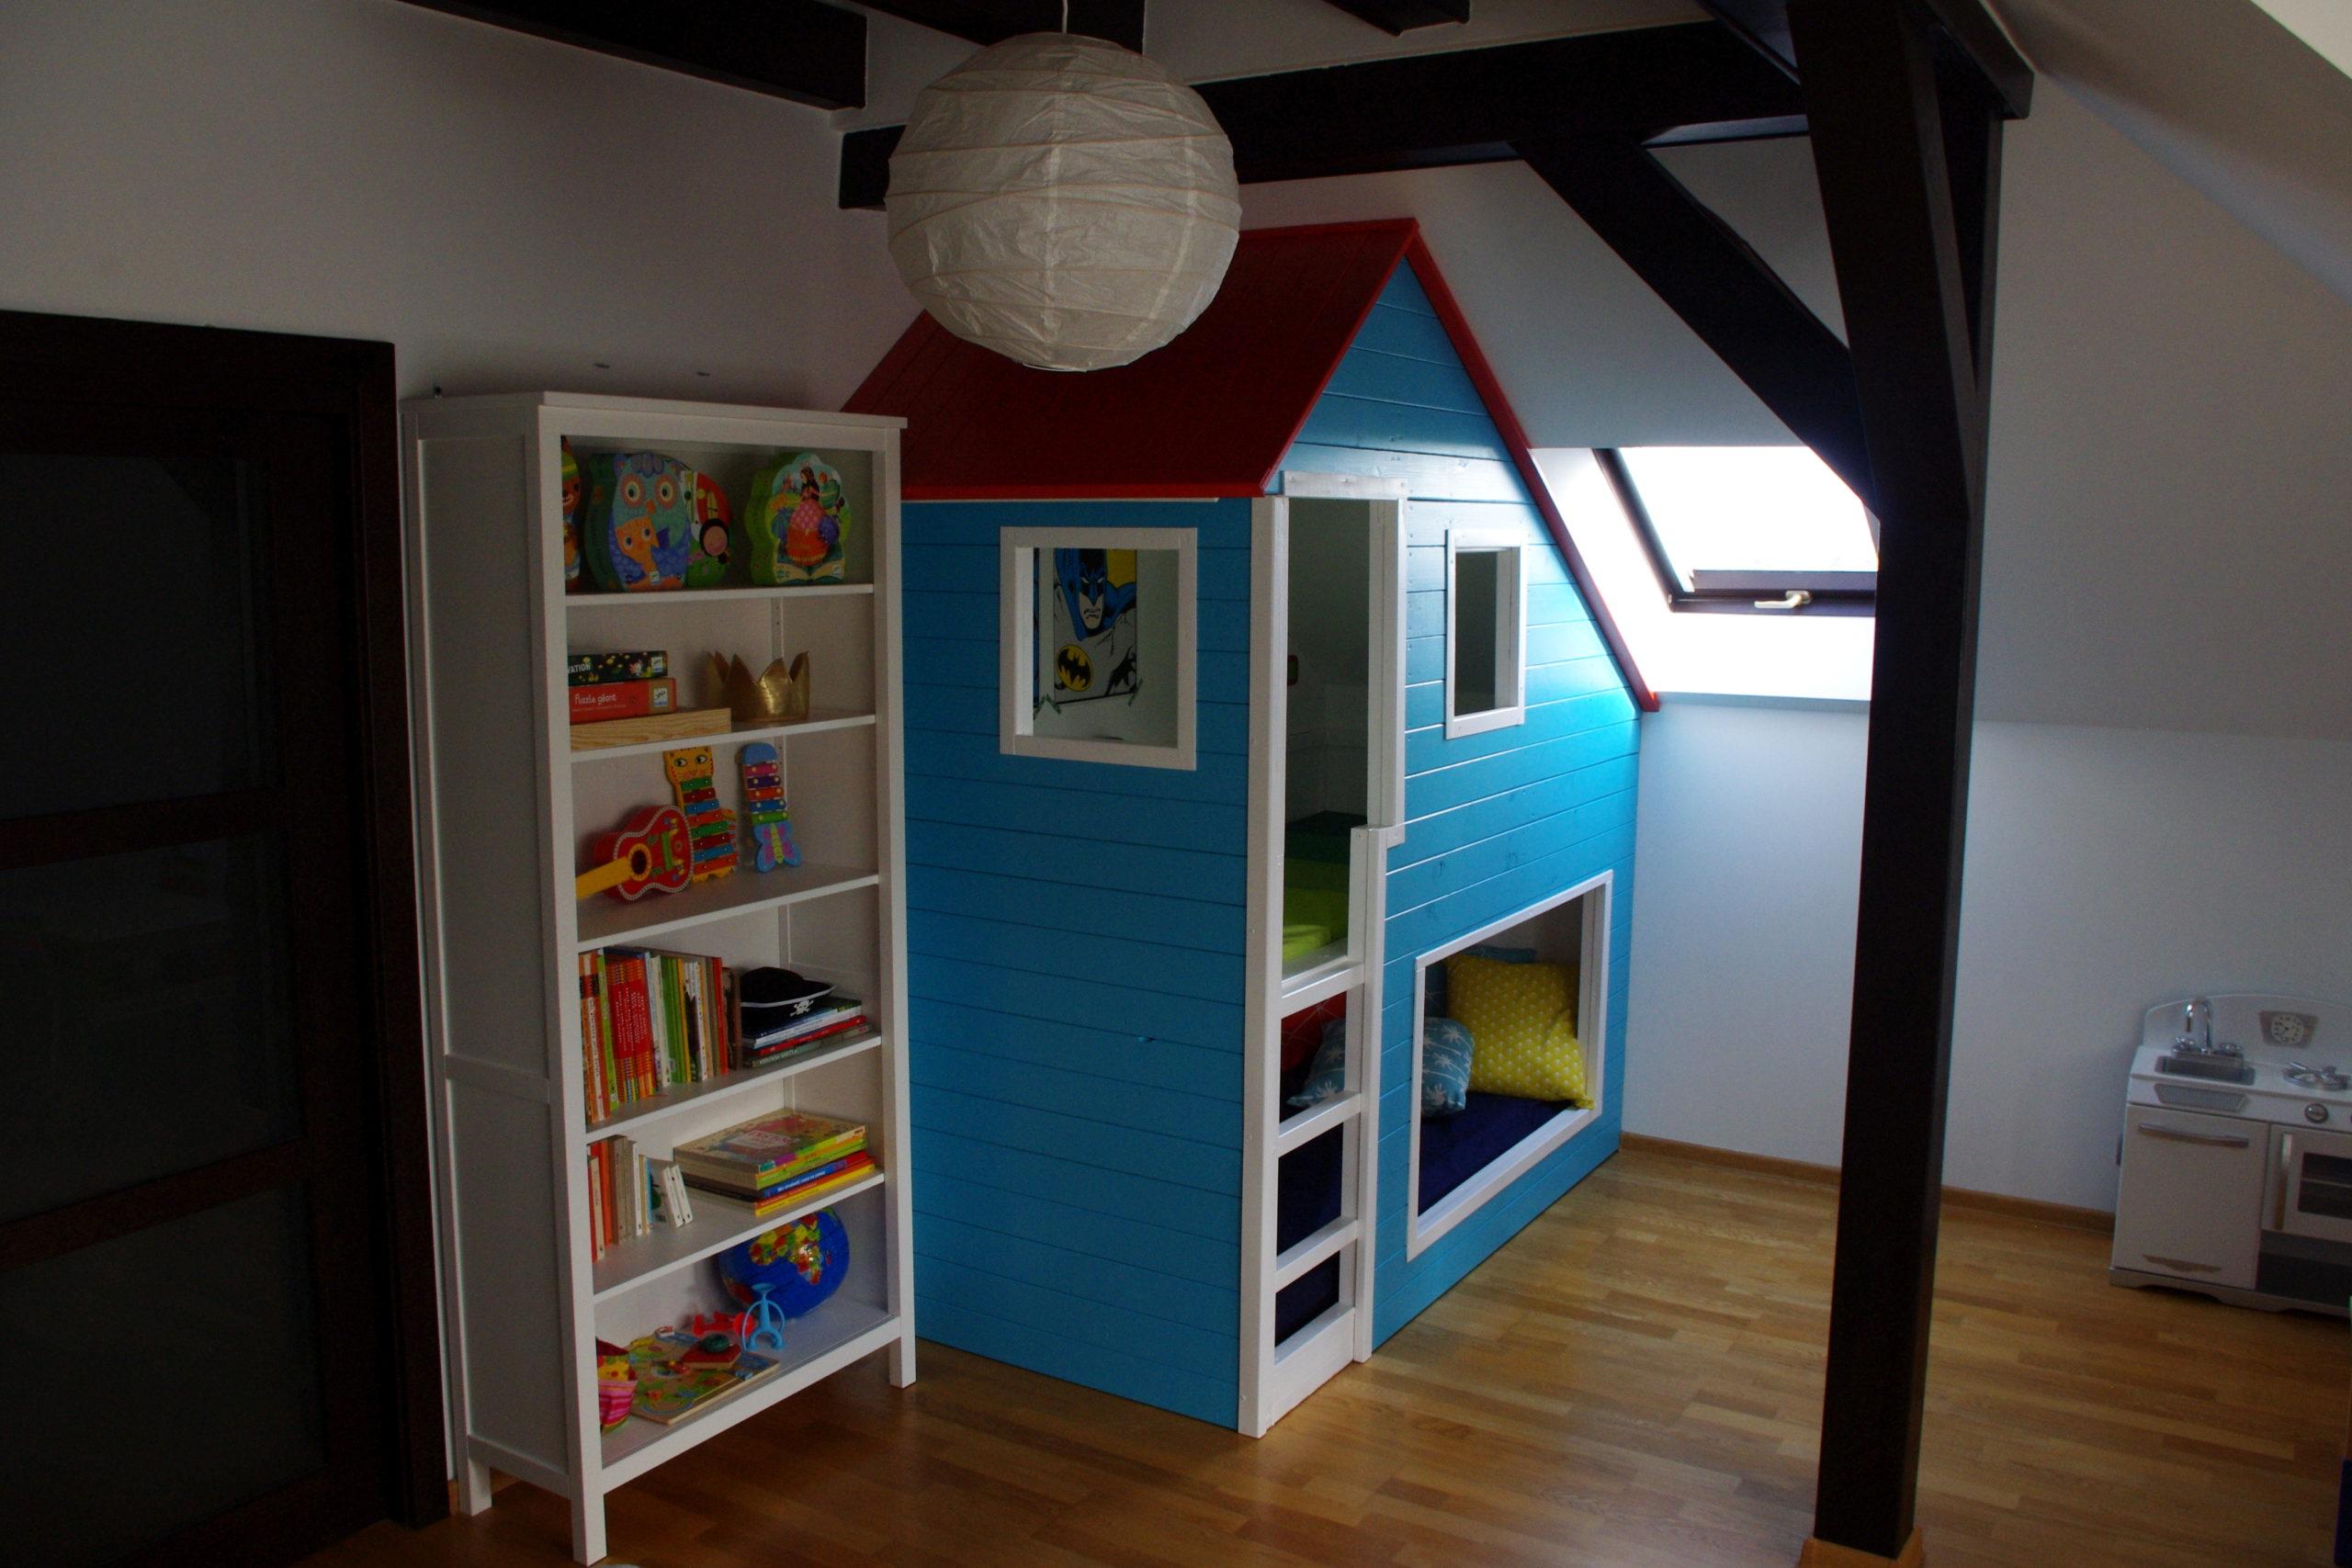 Domek plażowy, czyli piętrowe łóżko dla dzieci